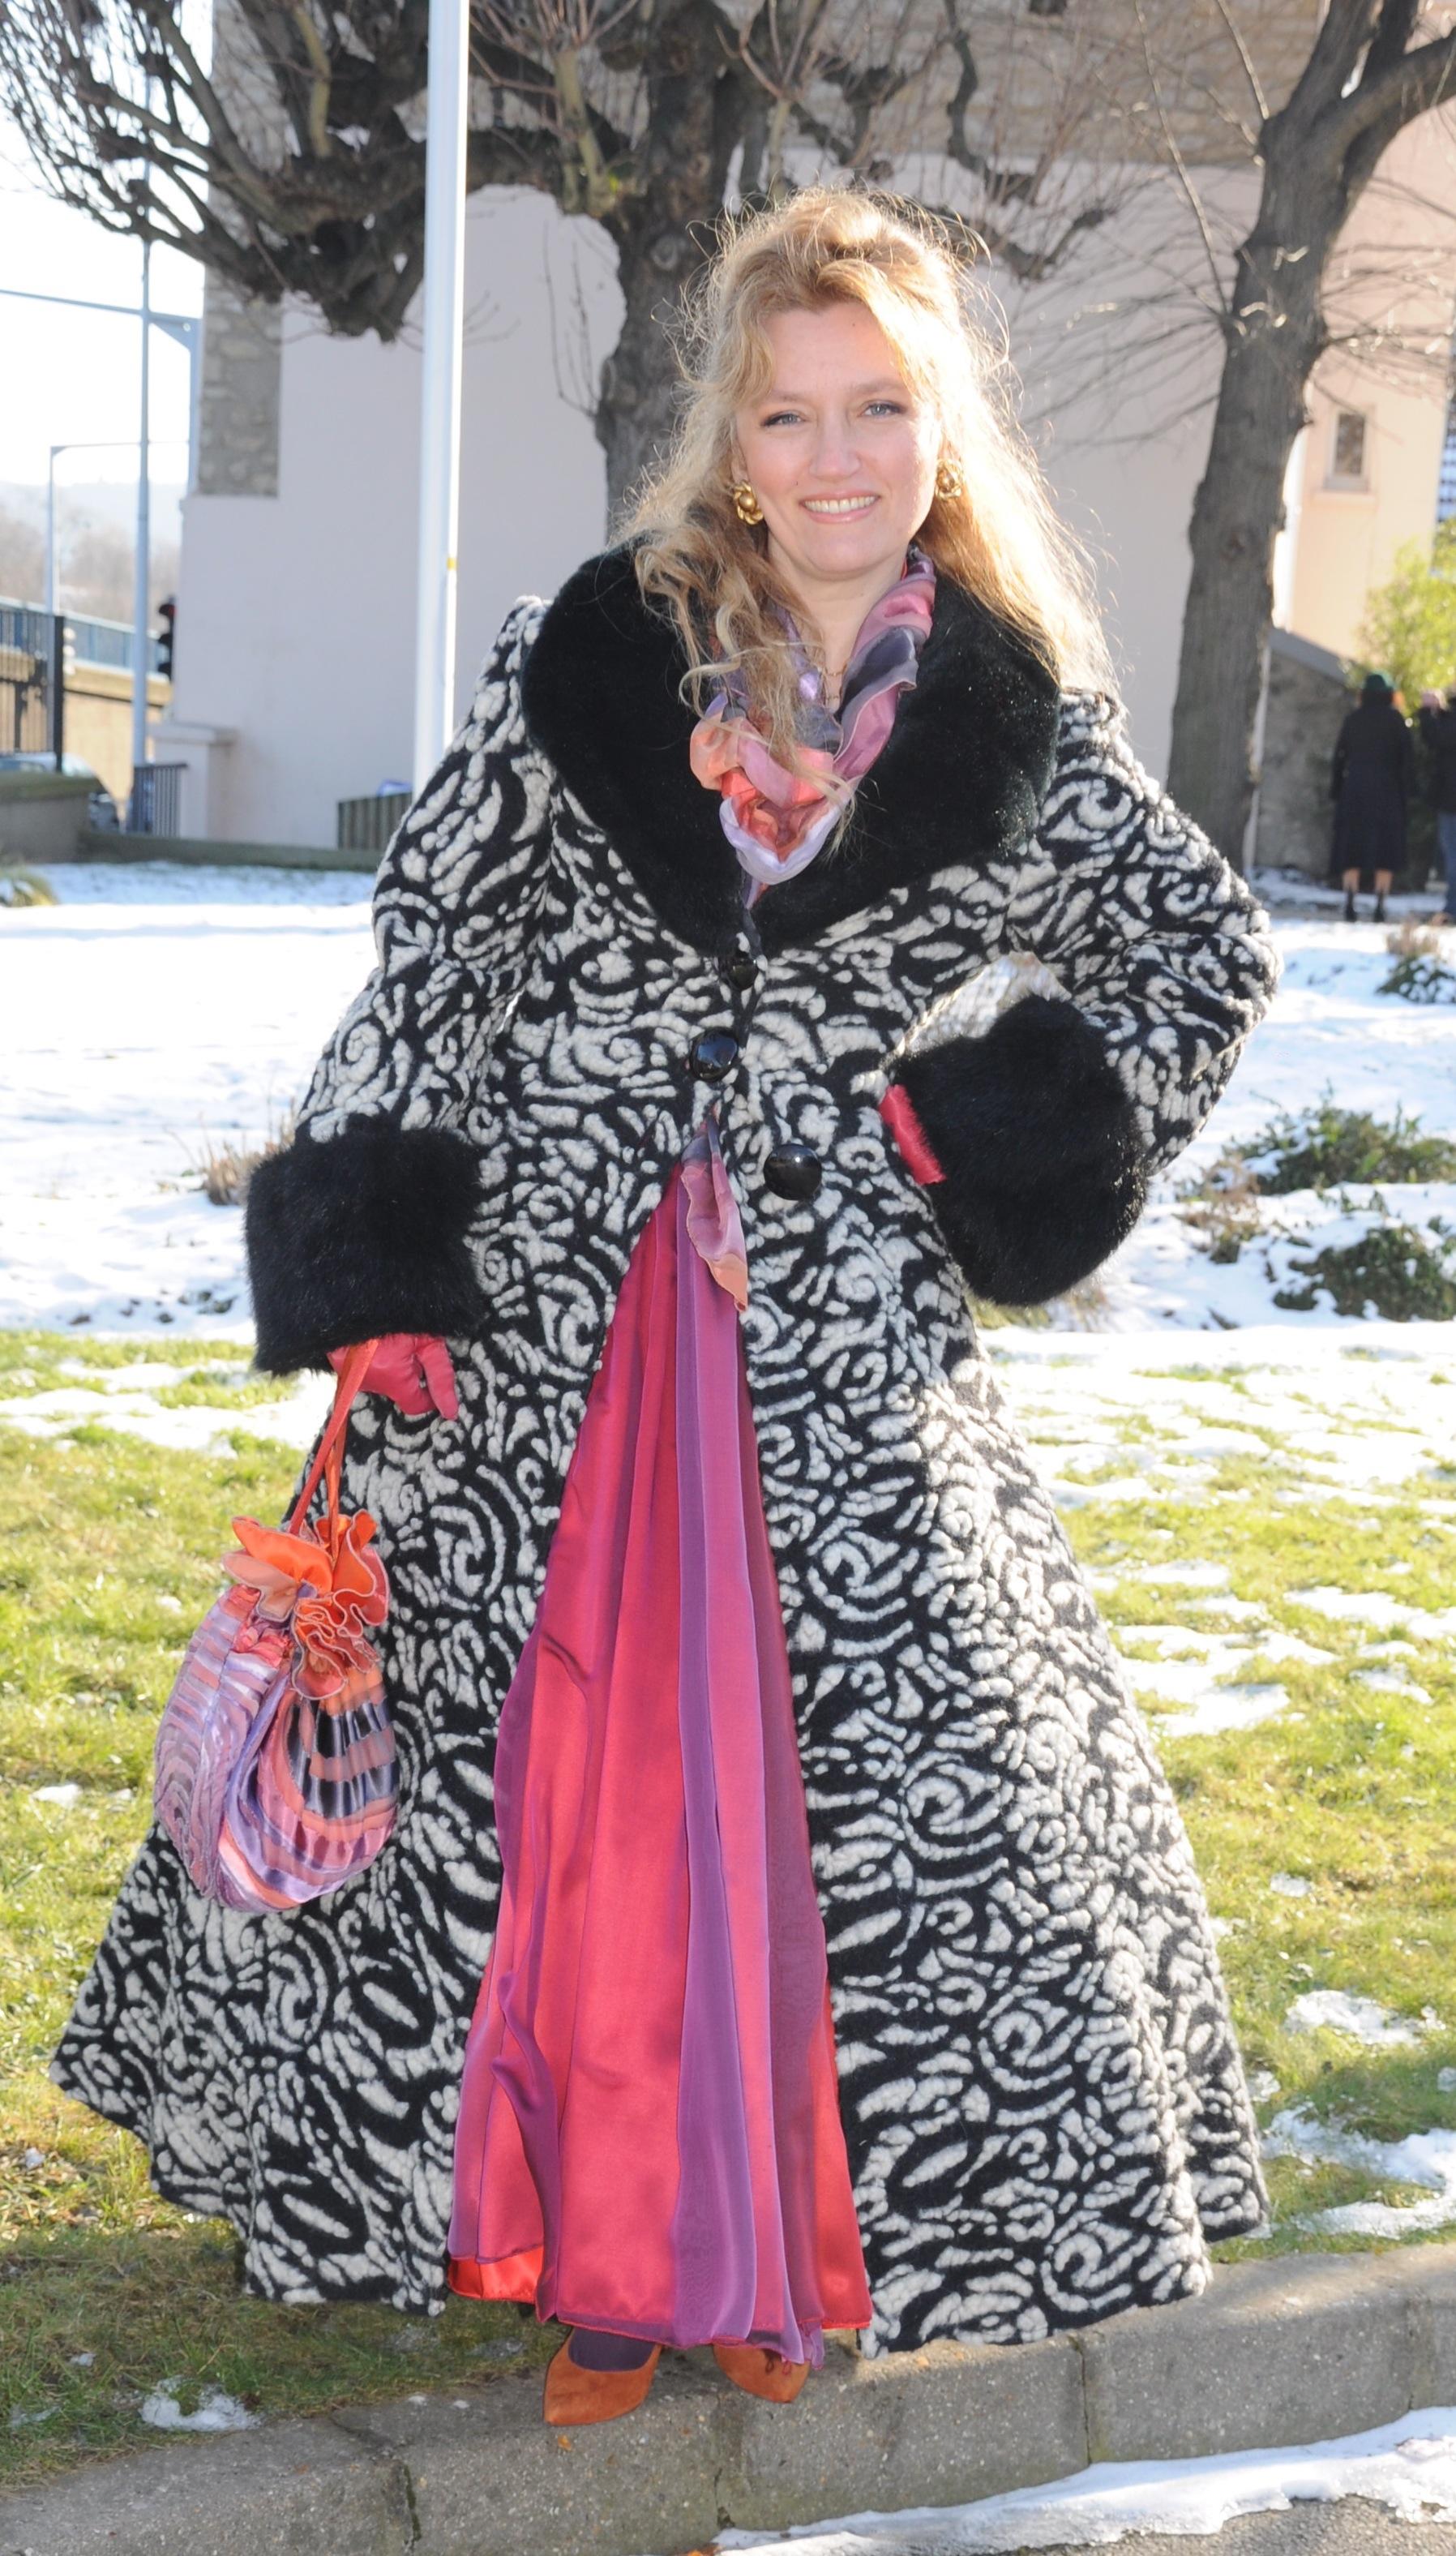 Manteau long en laine cintré noir et blanc avec fausse fourrure noire